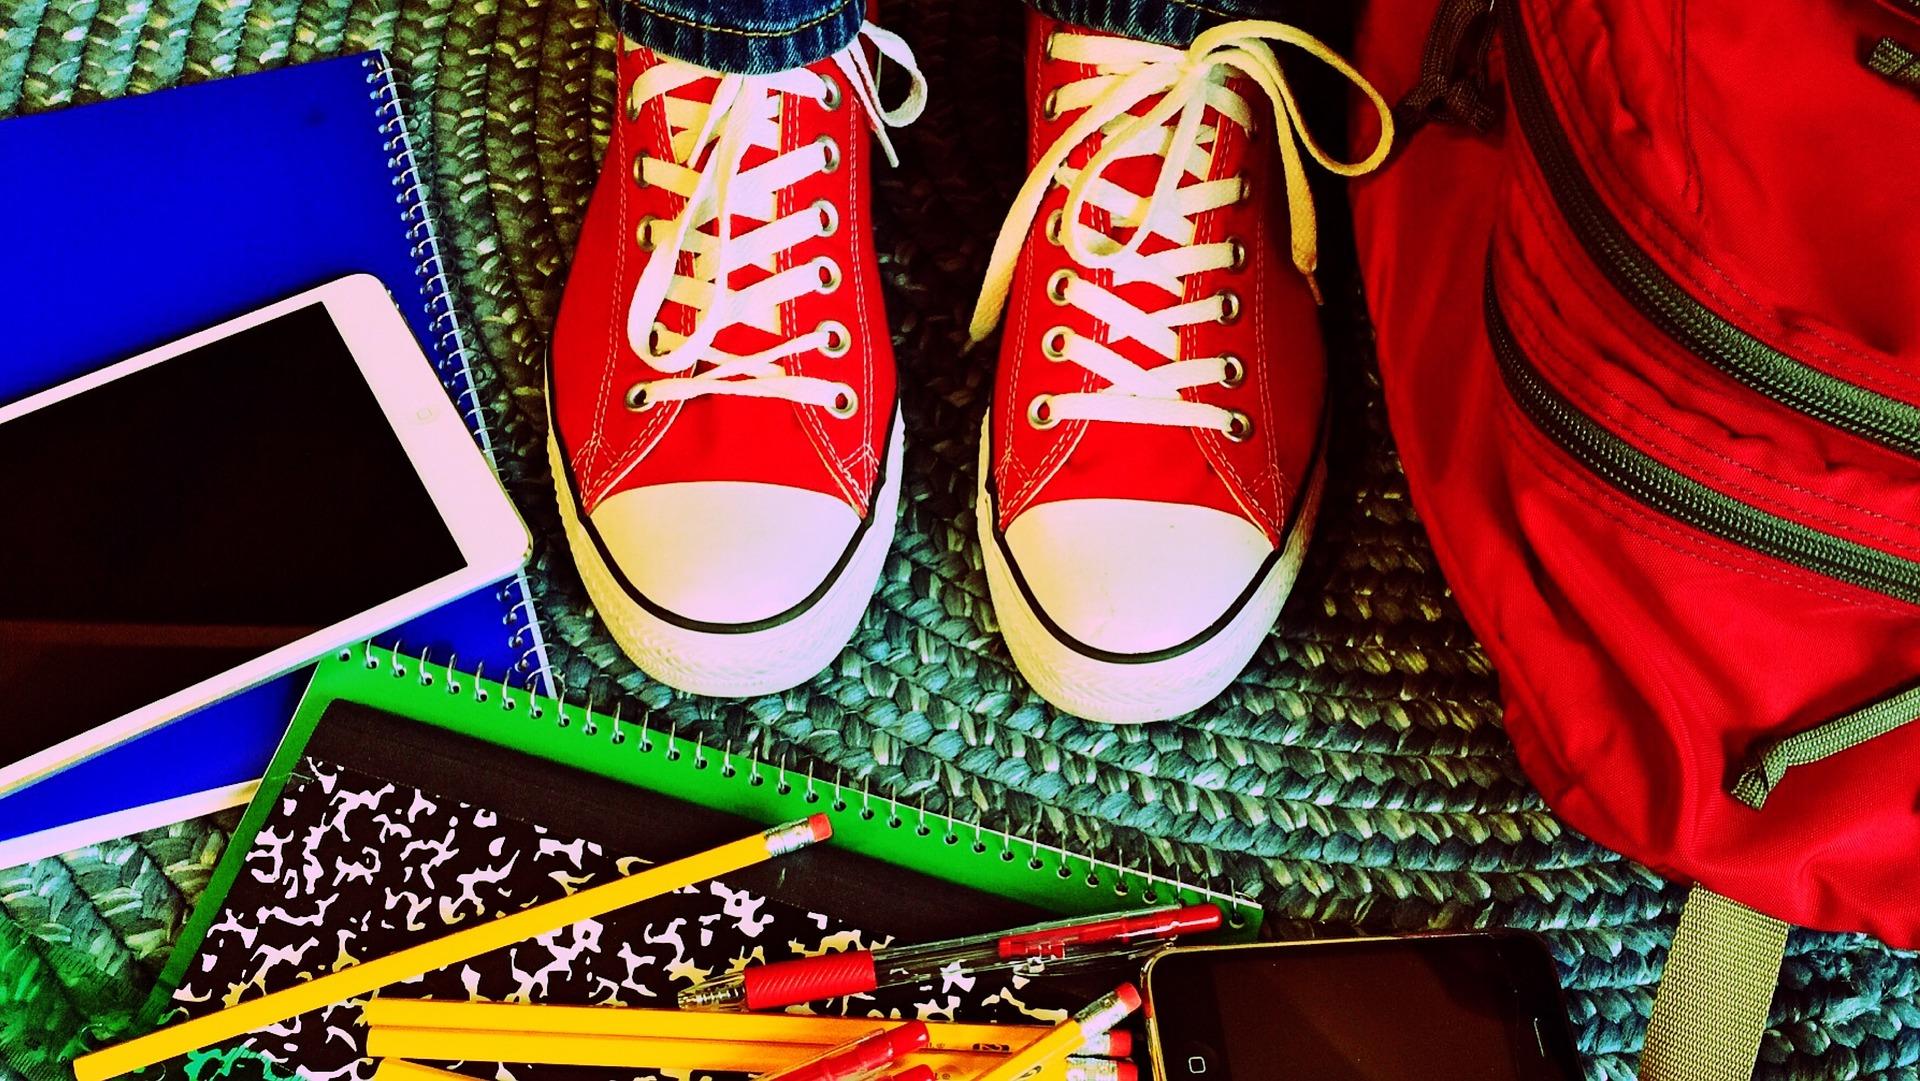 Illustrasjonsfoto som viser føttene på på en ungdom som har på seg røde sneakers-sko i midten, rundt føttene på gulvet ligger ett par spiralblokker, en ipad og en iphone, blyanter og linjal og til høyre står en rød skolesekk.